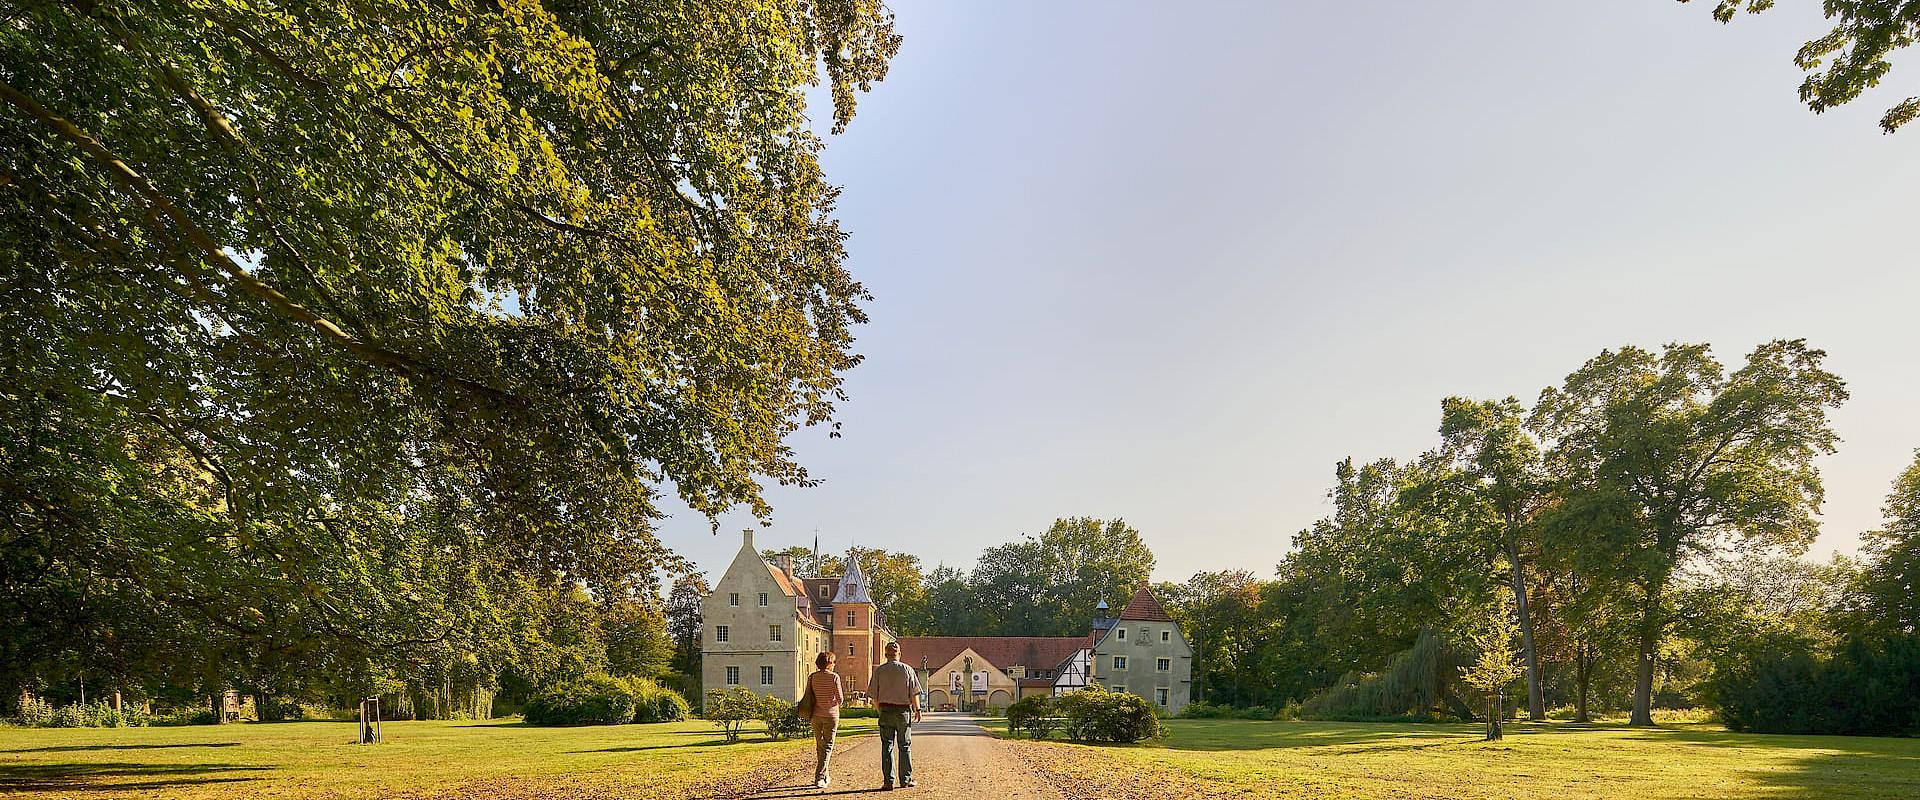 Schloss Senden im Münsterland